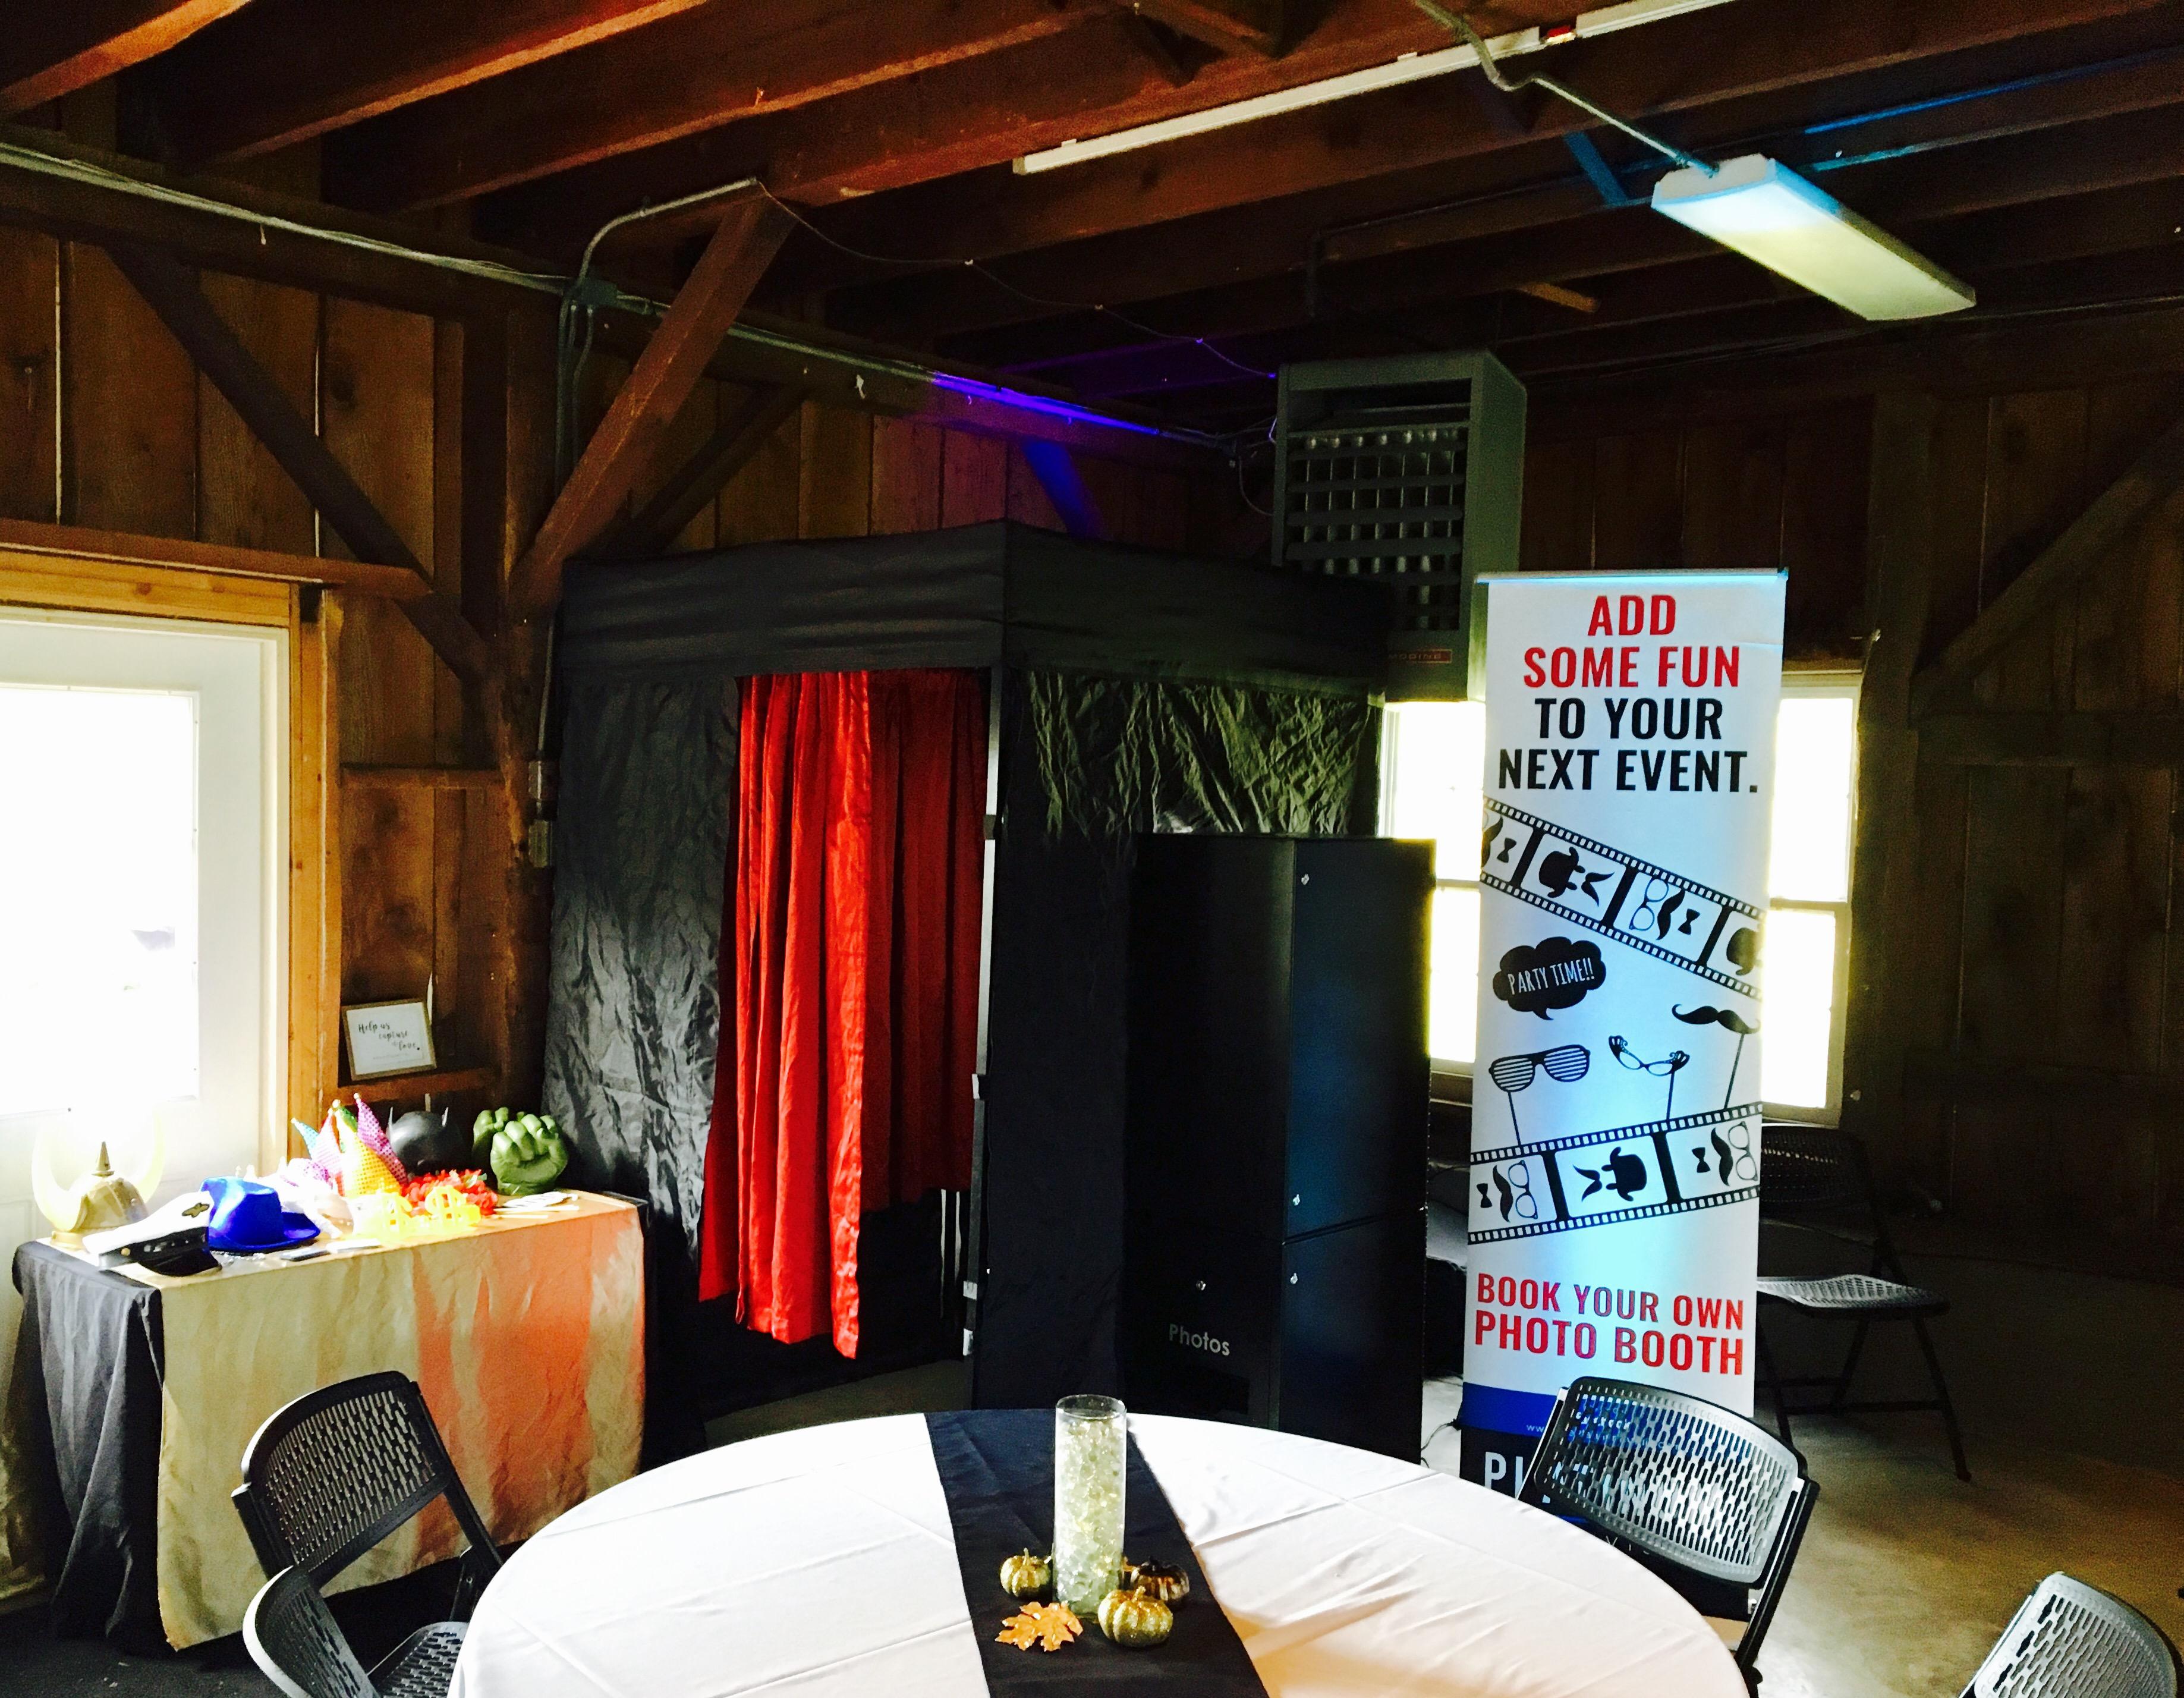 Photo Booth Fun at Arlington Country Club Richmond, Kentucky